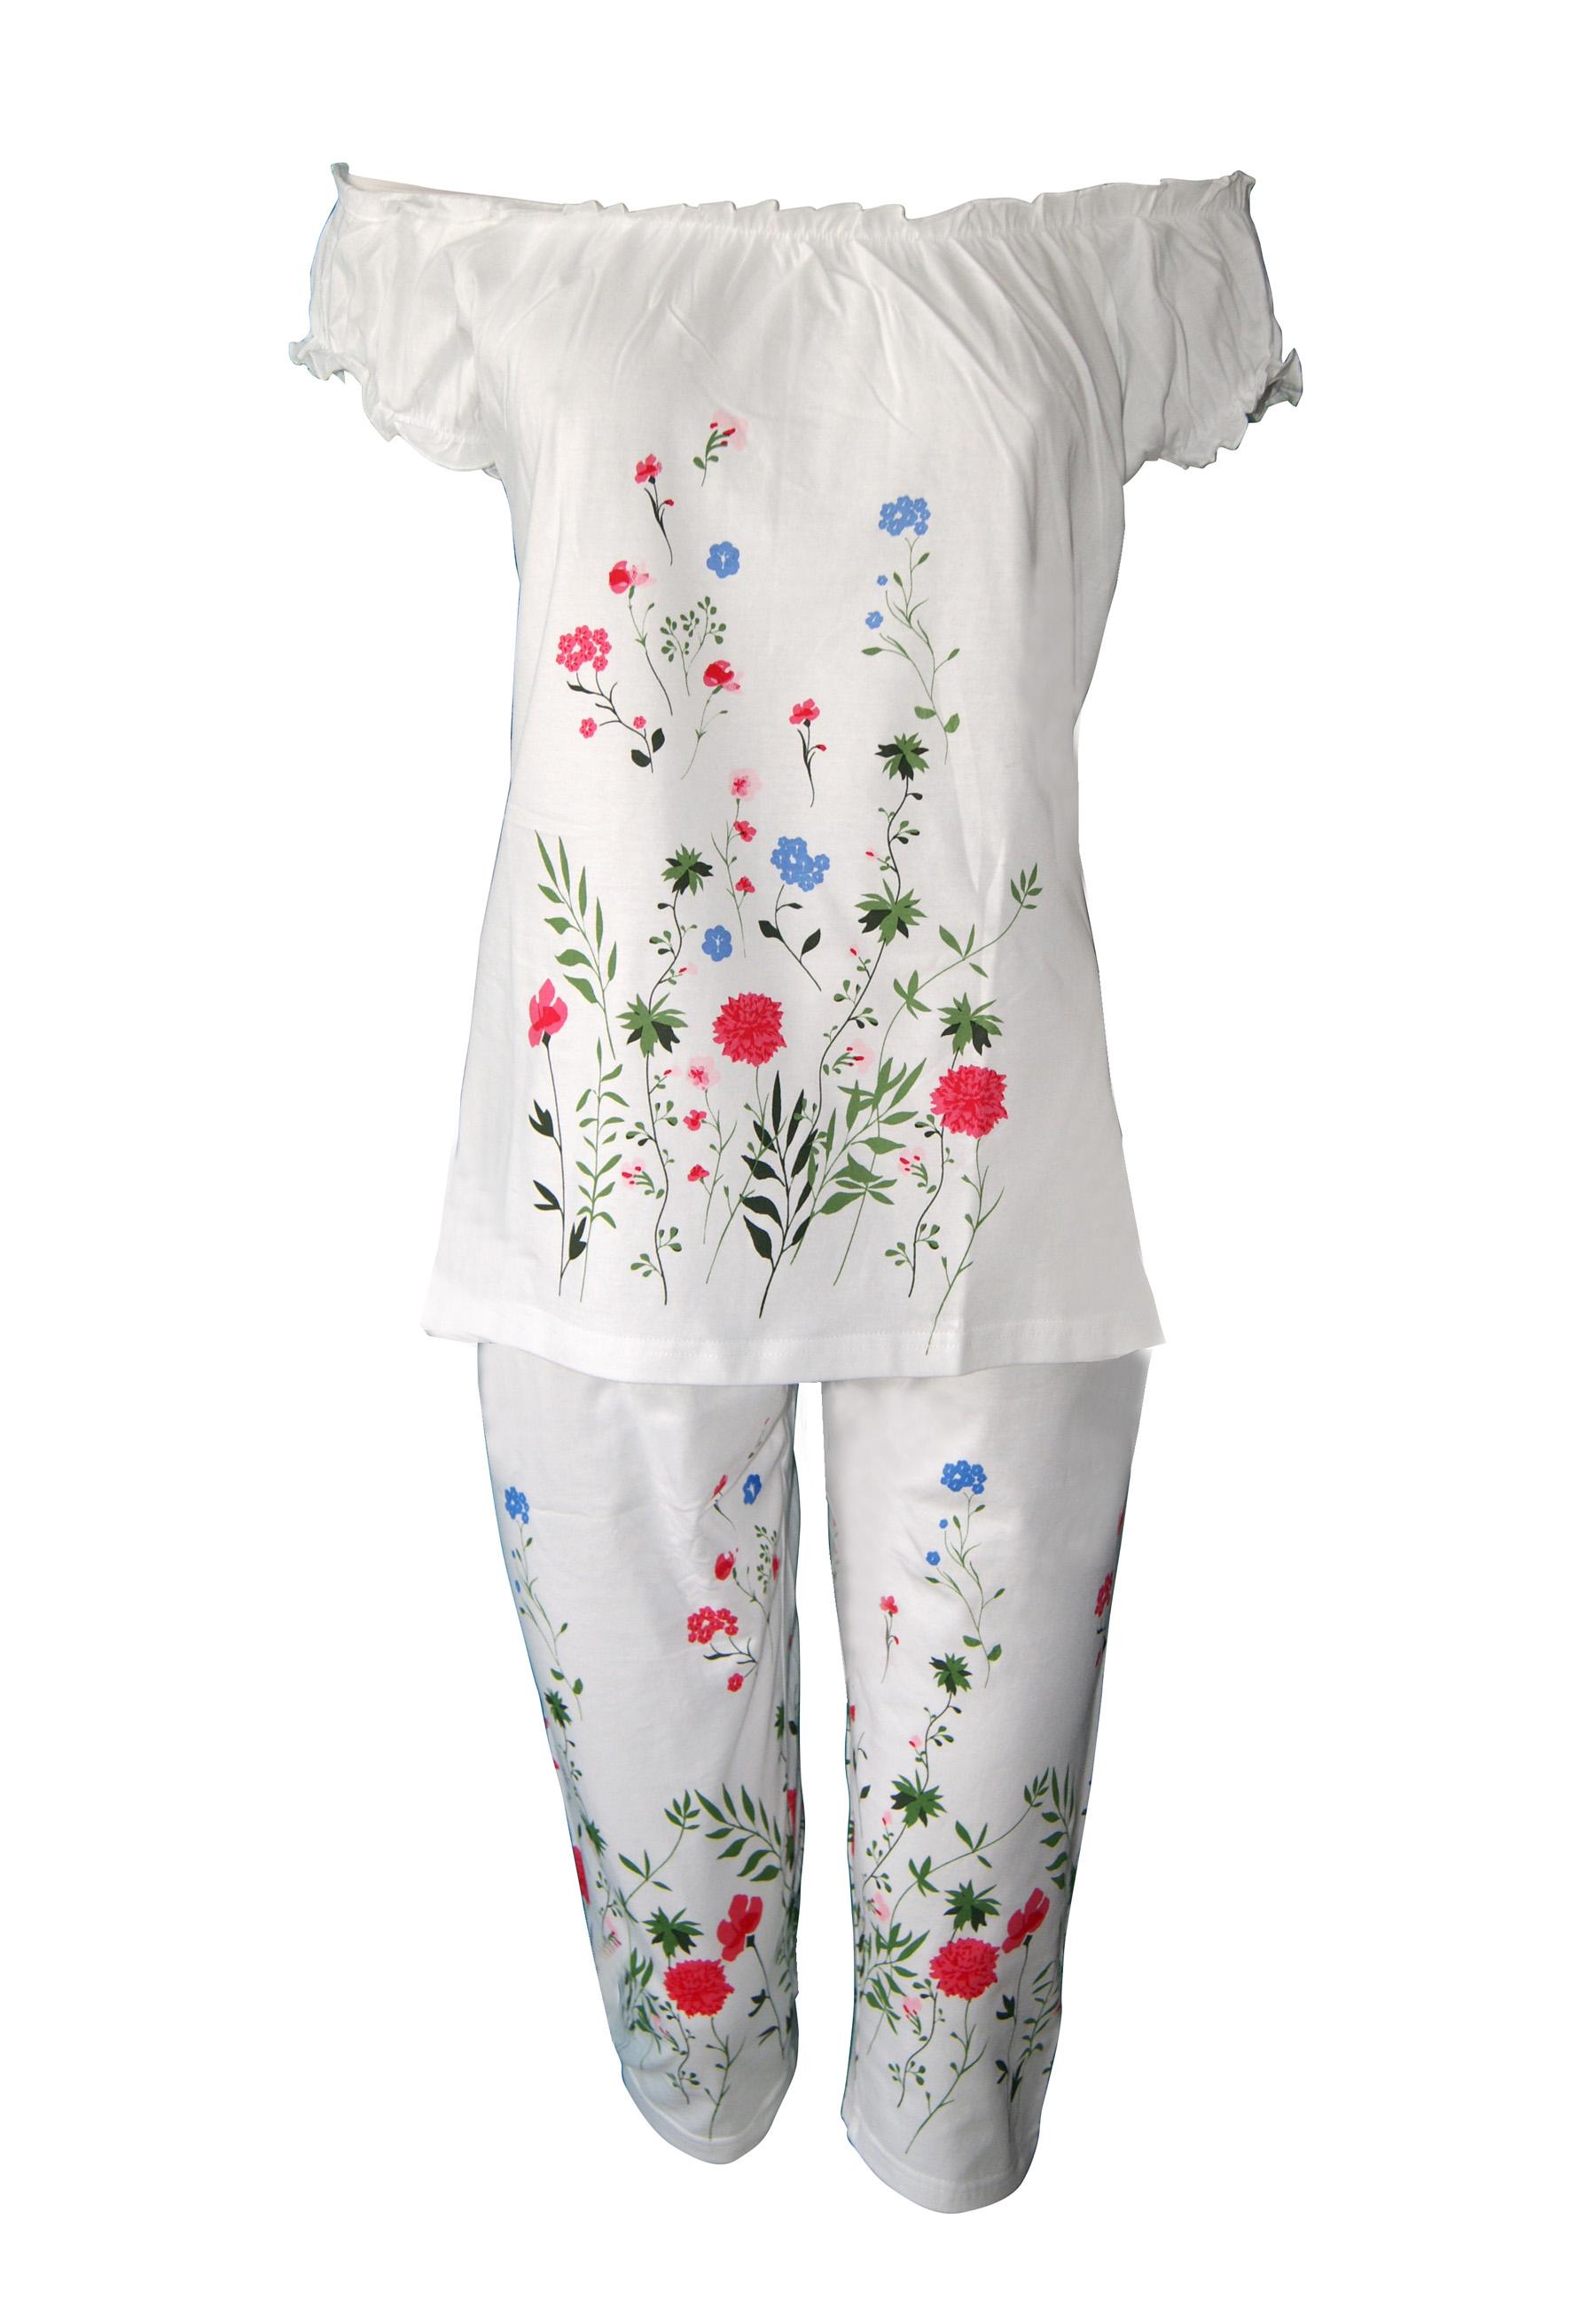 6dea16d59e56 Καλοκαιρινή γυναικεία πυτζάμα βισκόζη floral Ανοιξη 2019 μόνο στο BUSTO